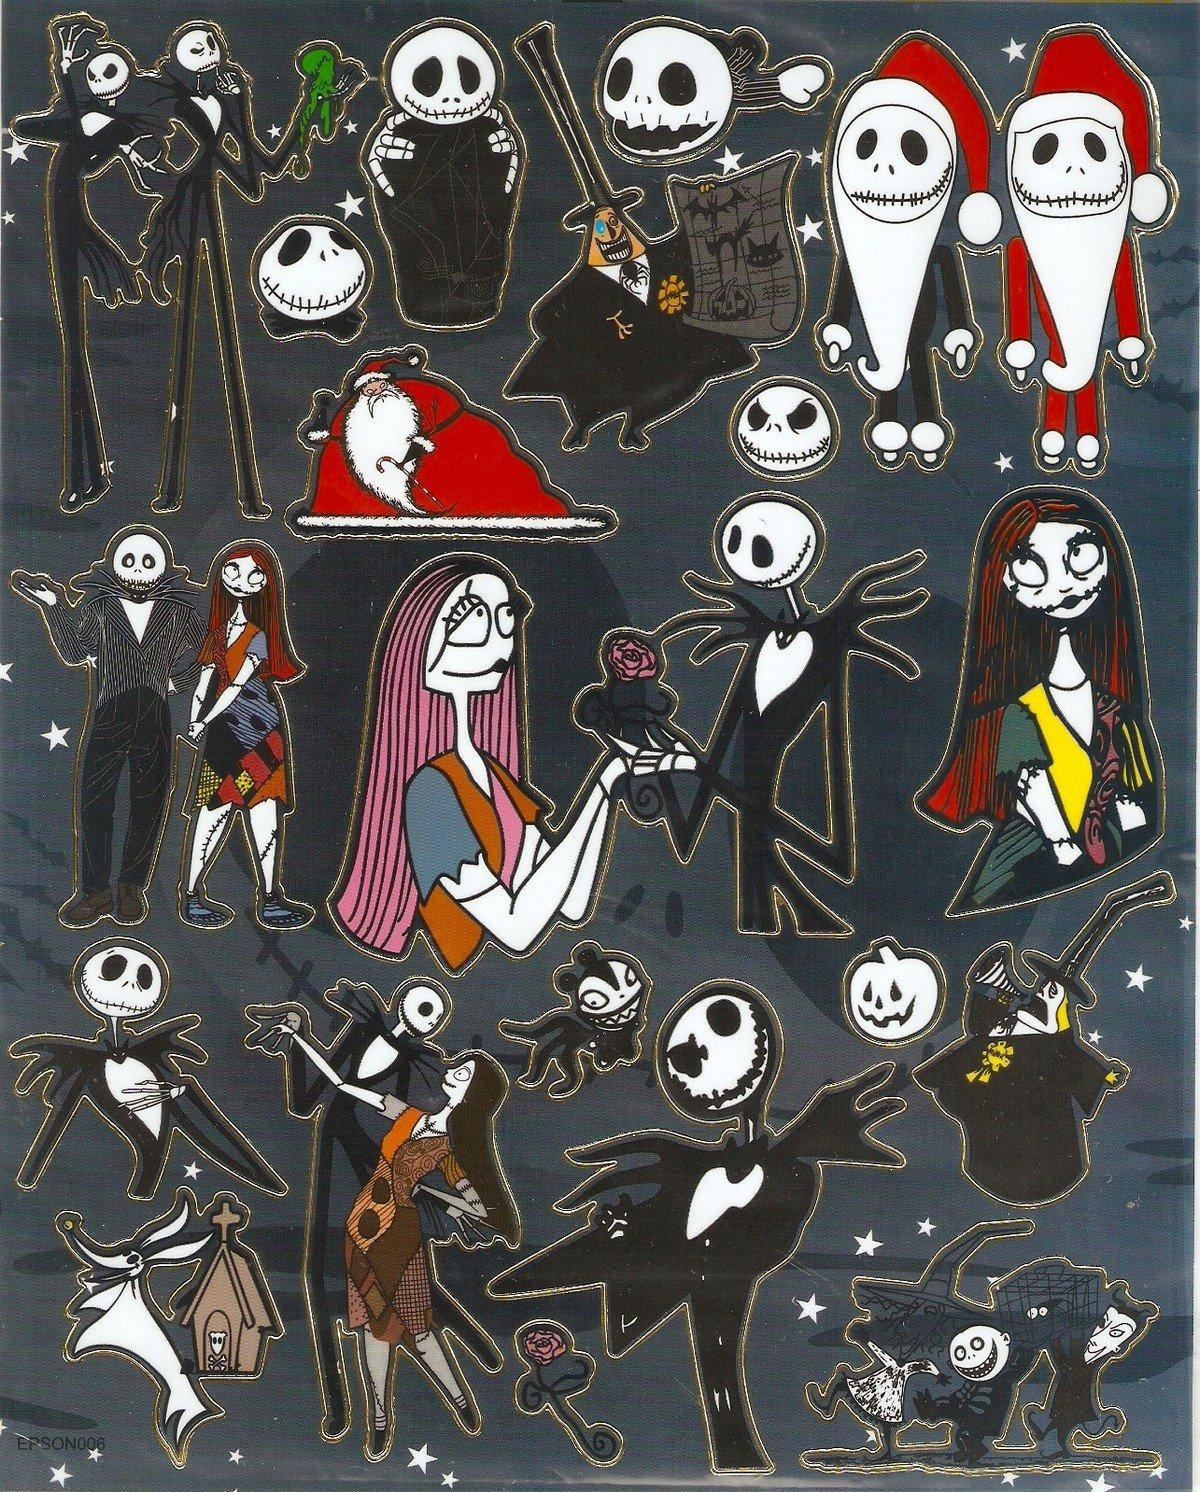 10 Big sheets Nightmare Before Christmas Sticker Buy 2 lots Bonus 1 #NBC EPSON006